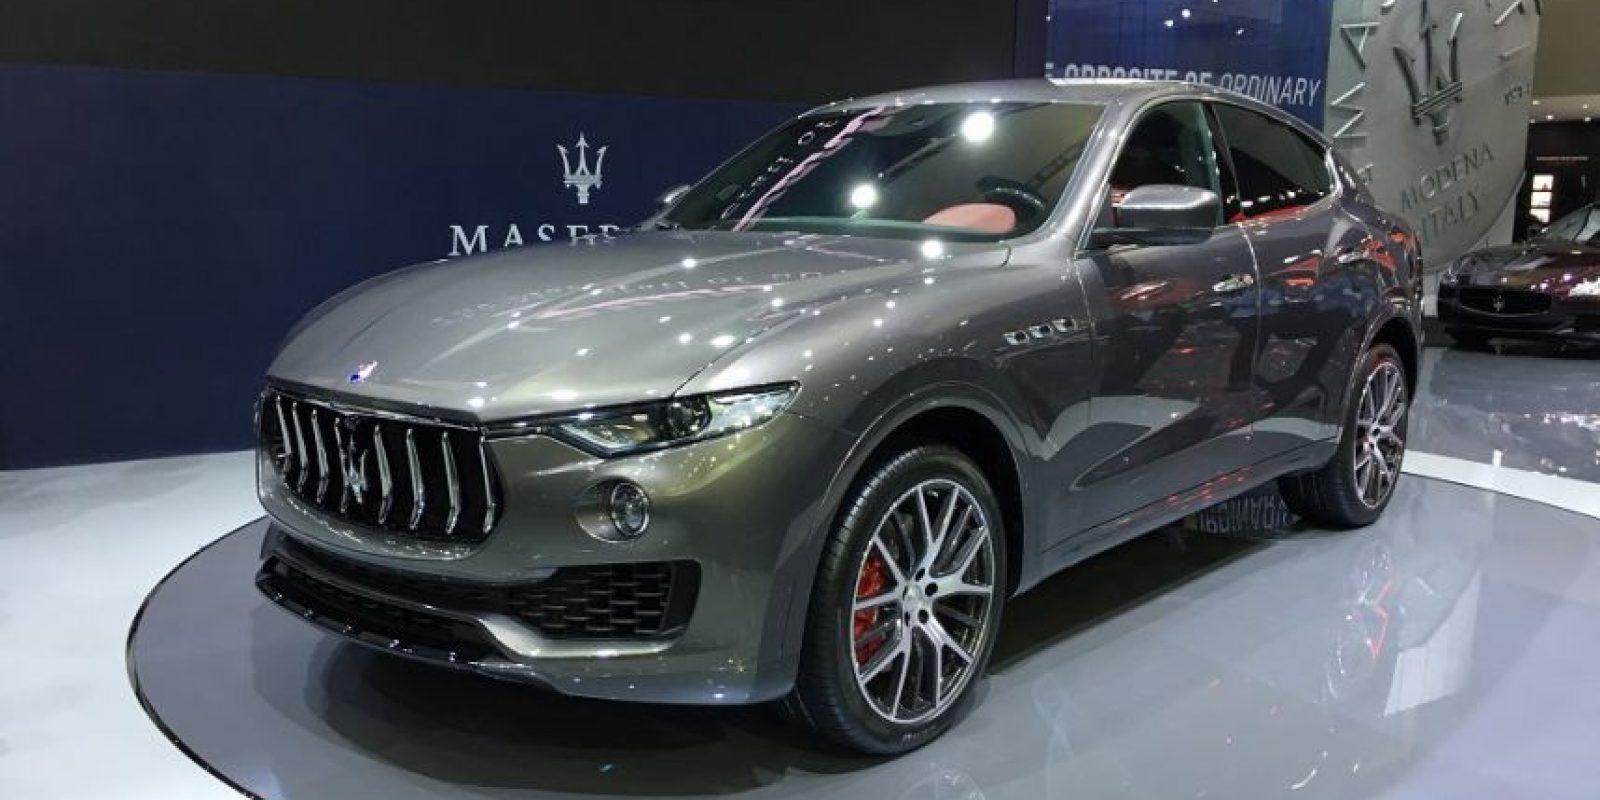 Maserati presentó el Levante, su primera SUV. Foto:Víktor Rodríguez-Velázquez